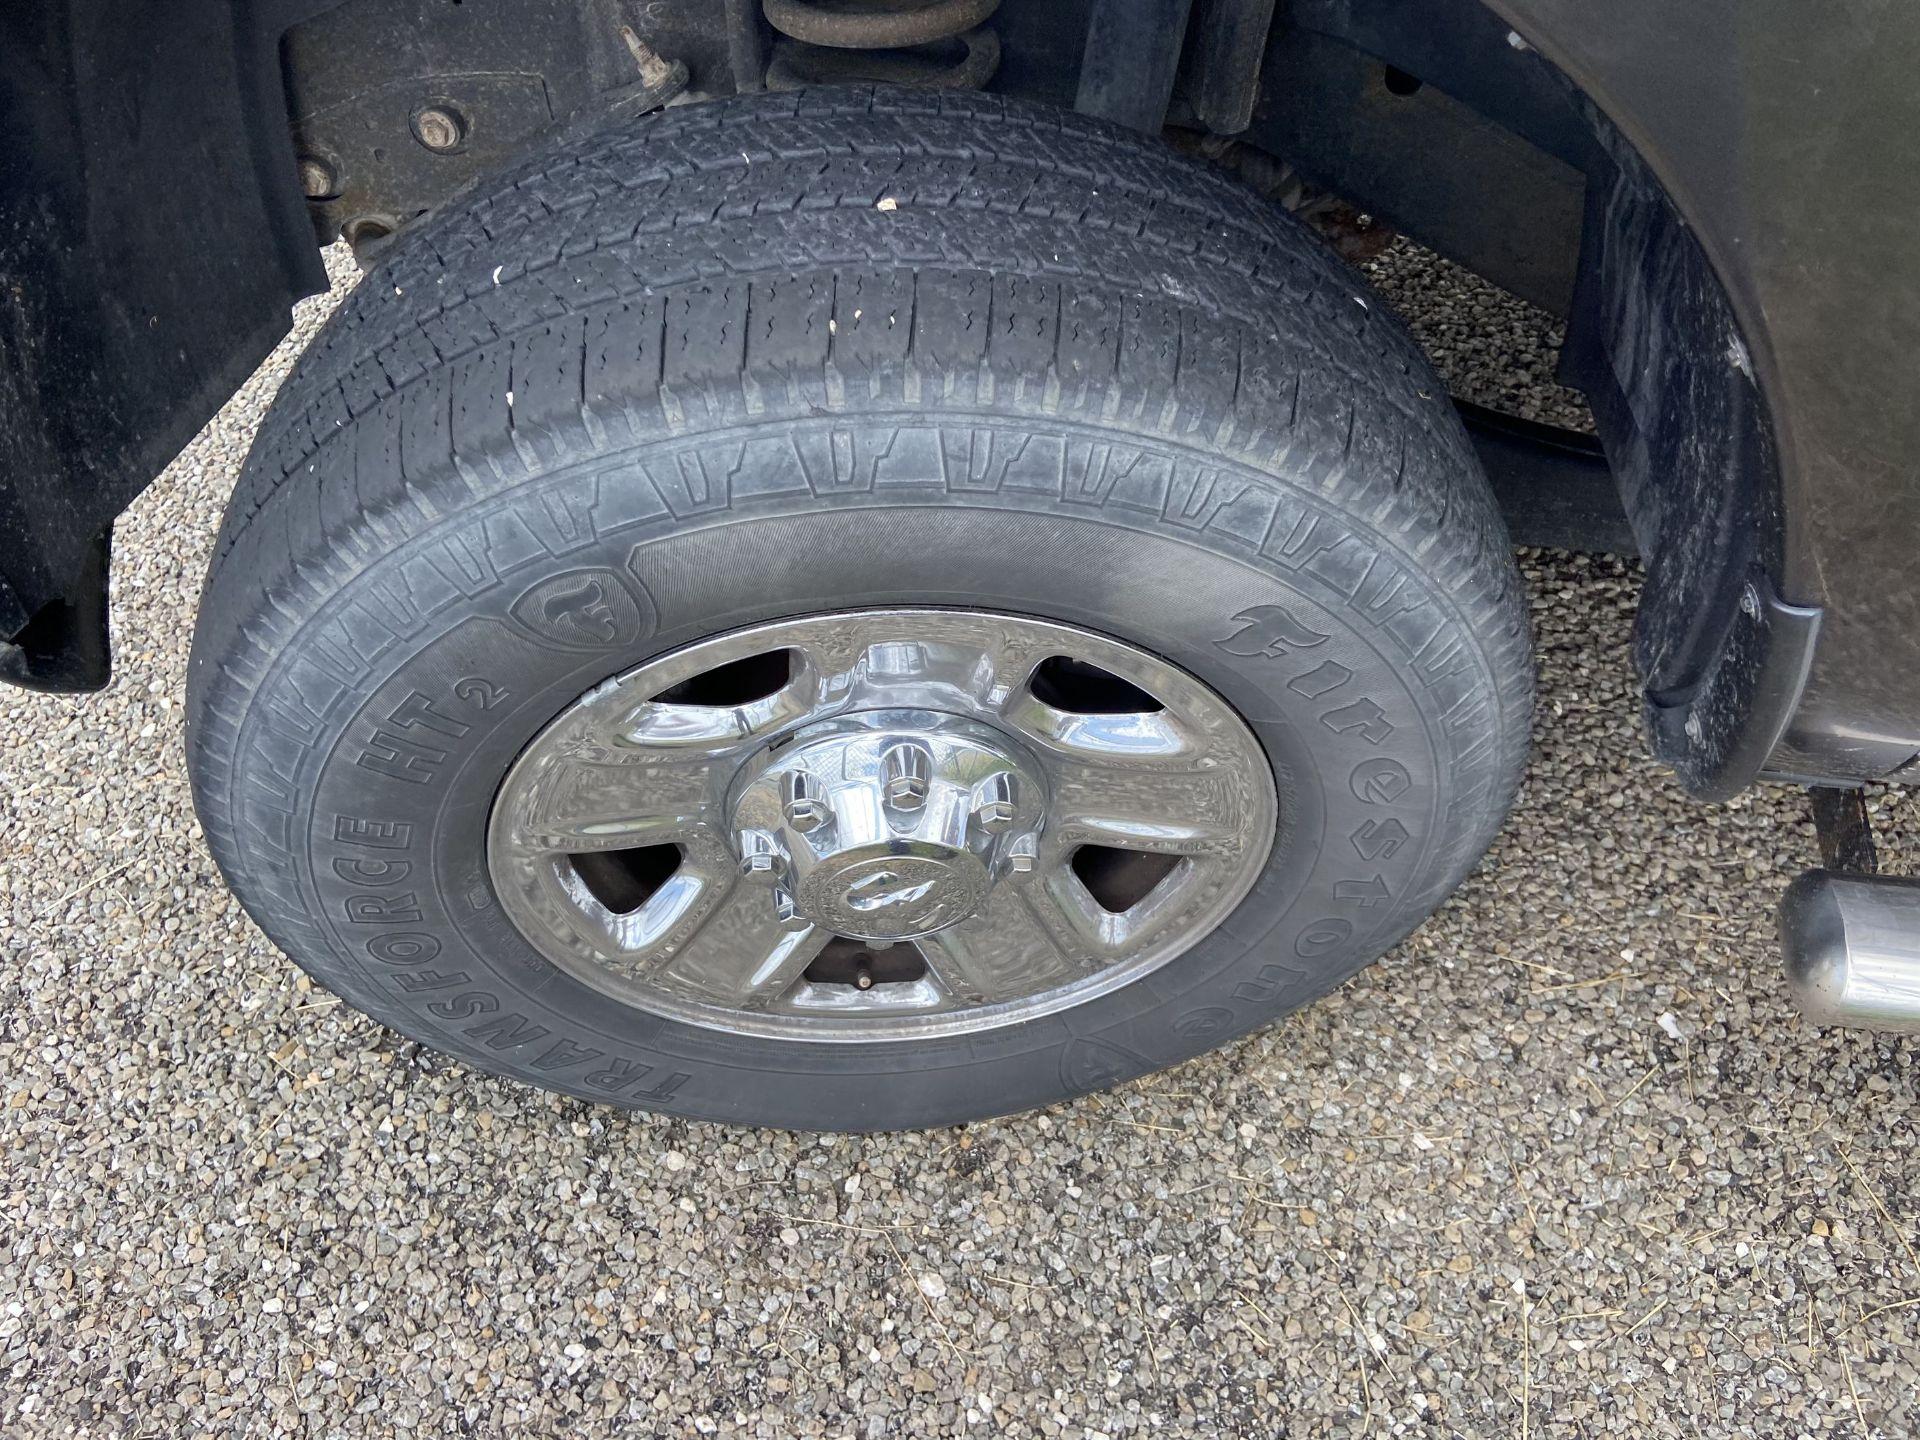 2013 Dodge Ram 2500 HD Crew Cab Long Bed, 251K Miles, Cloth, 4X4, Diesel, VIN # 3C6UR5HL1EG135730 - Image 7 of 17